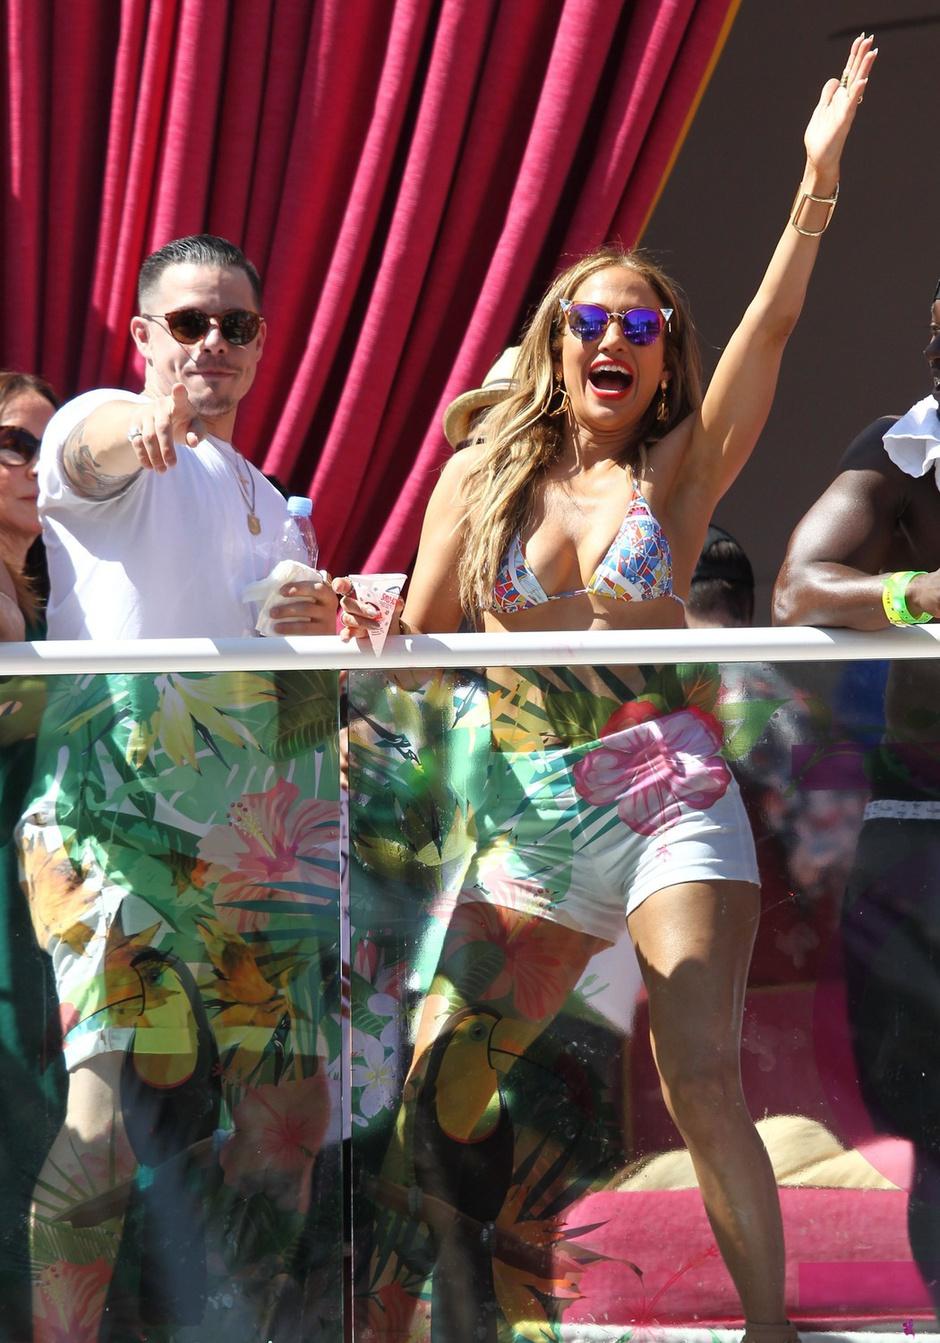 Фото дня: Дженнифер Лопес и Каспер Смарт на вечеринке в Лас-Вегасе